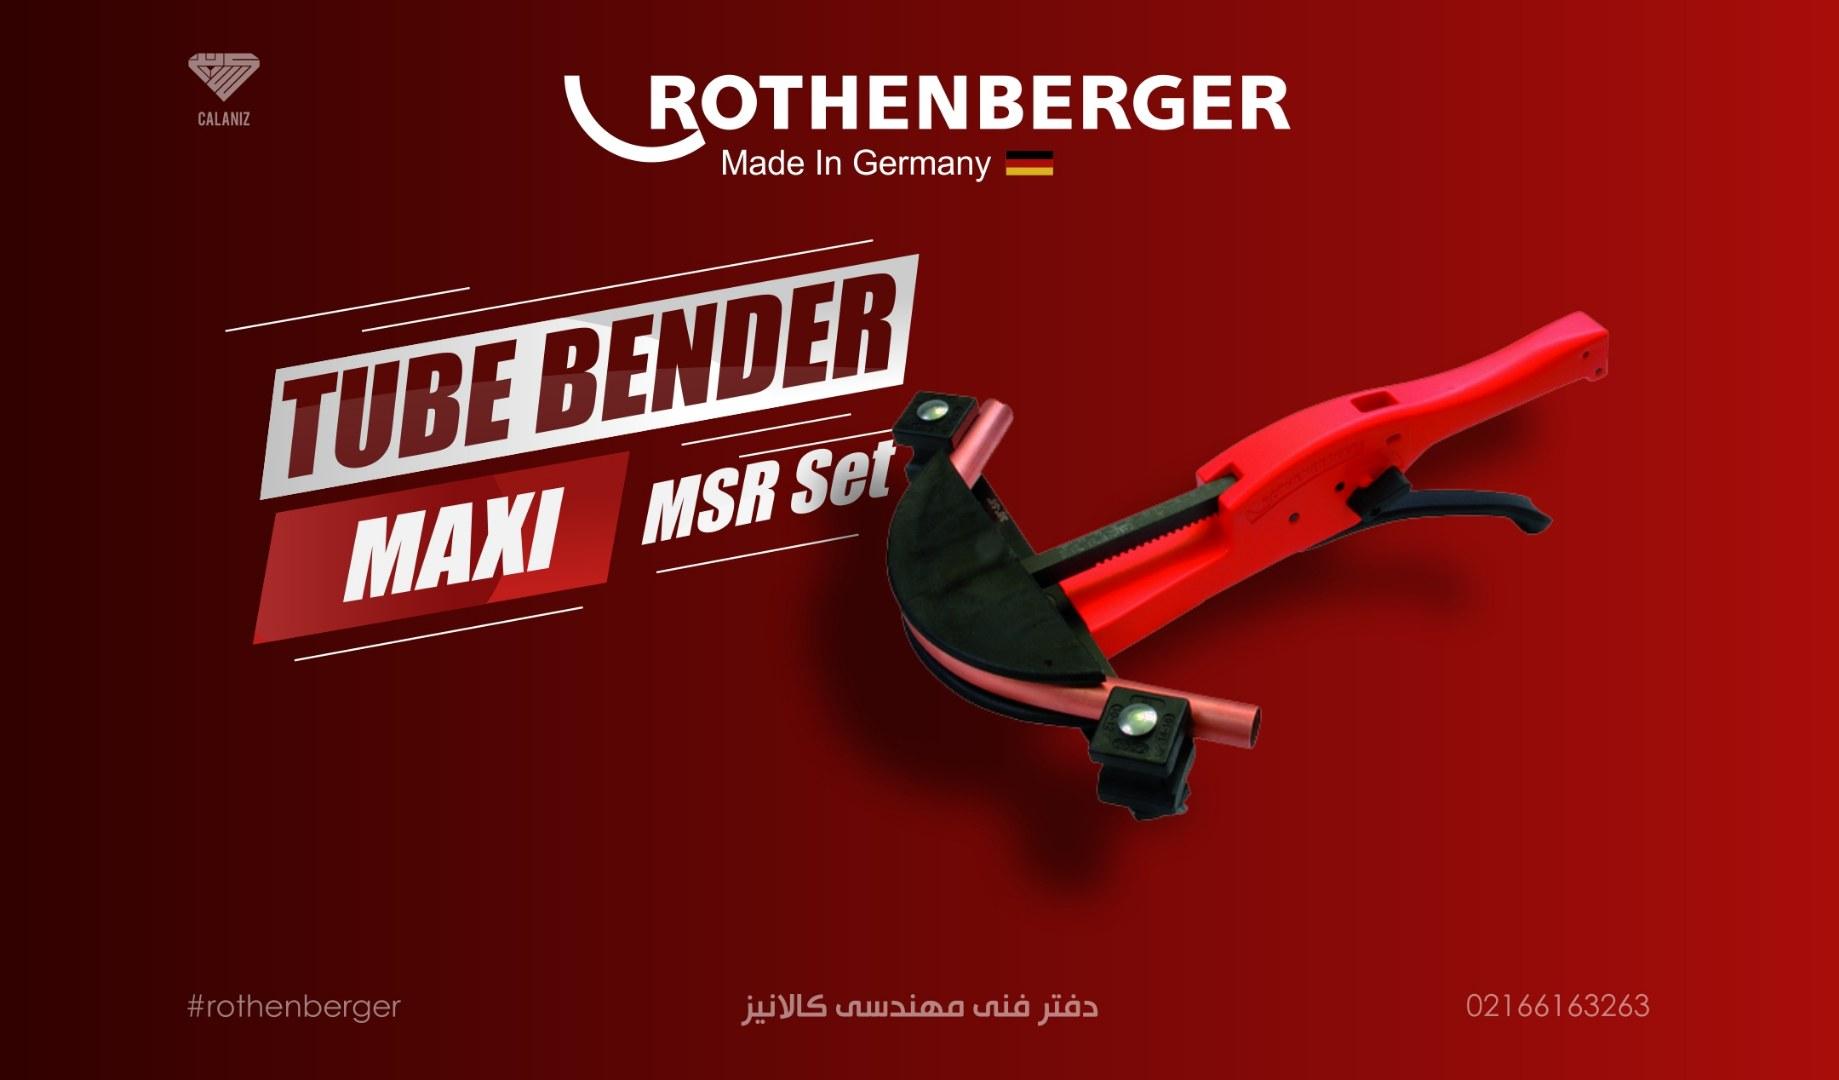 دستگاه لوله خم کن دستی روتنبرگر آلمان – مدل MAXI